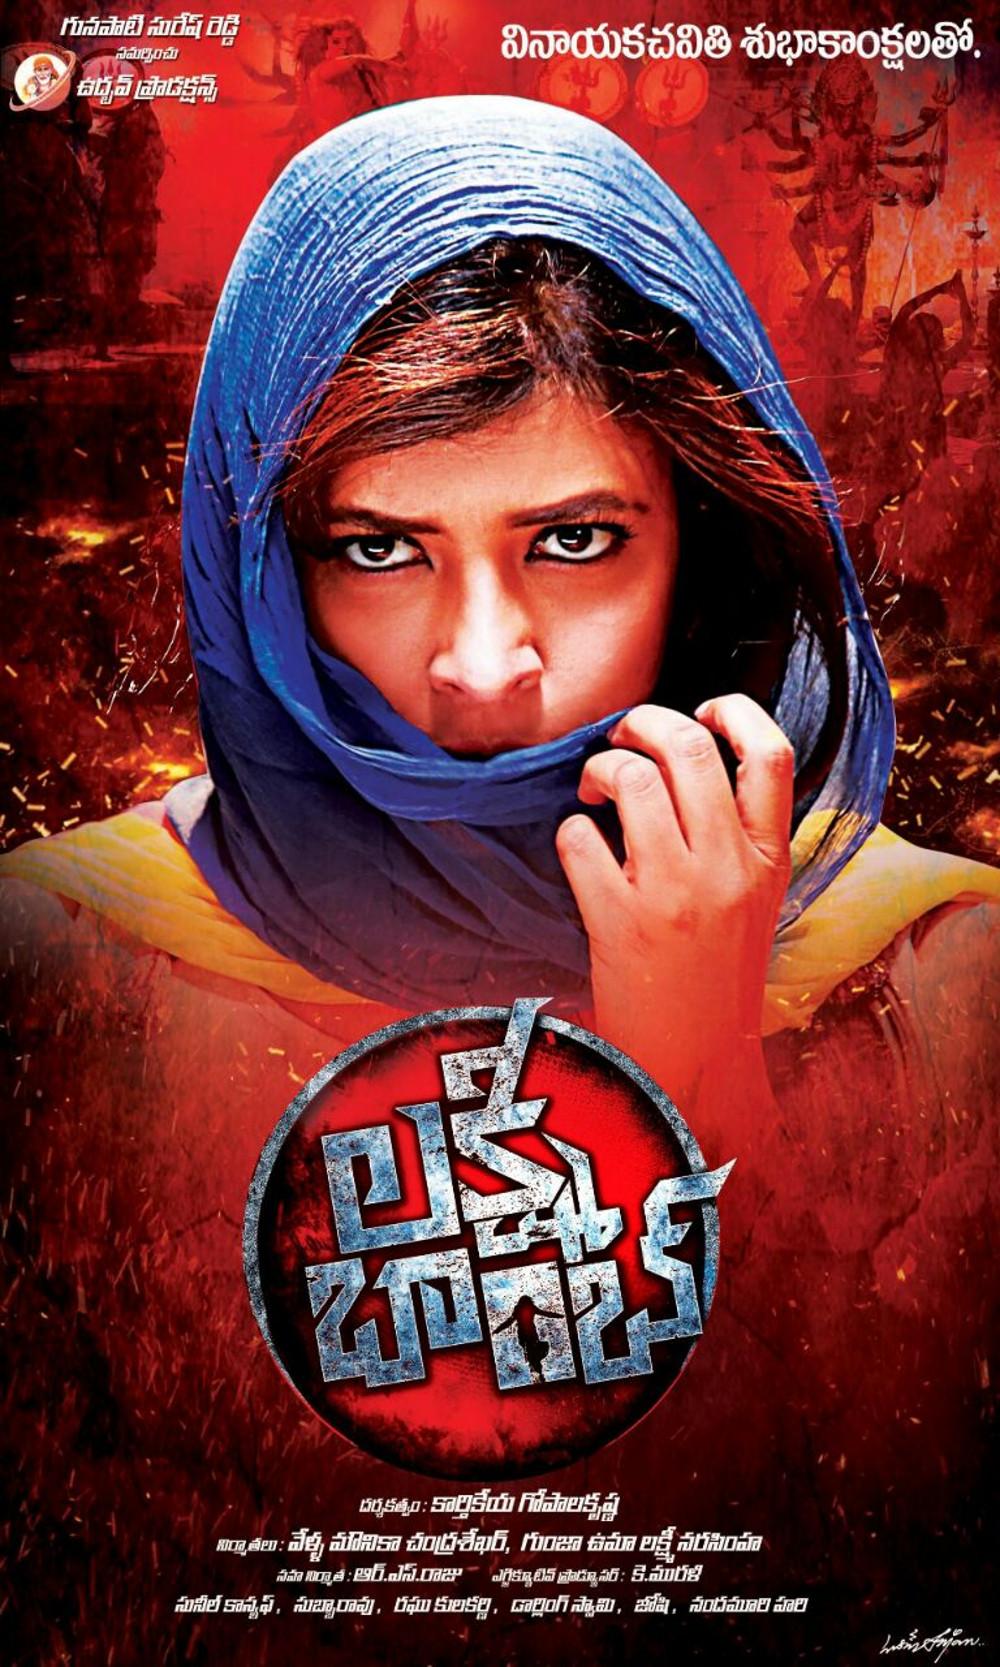 Lakshmi Manchu's Lakshmi Bomb Vinayaka Chavithi Poster